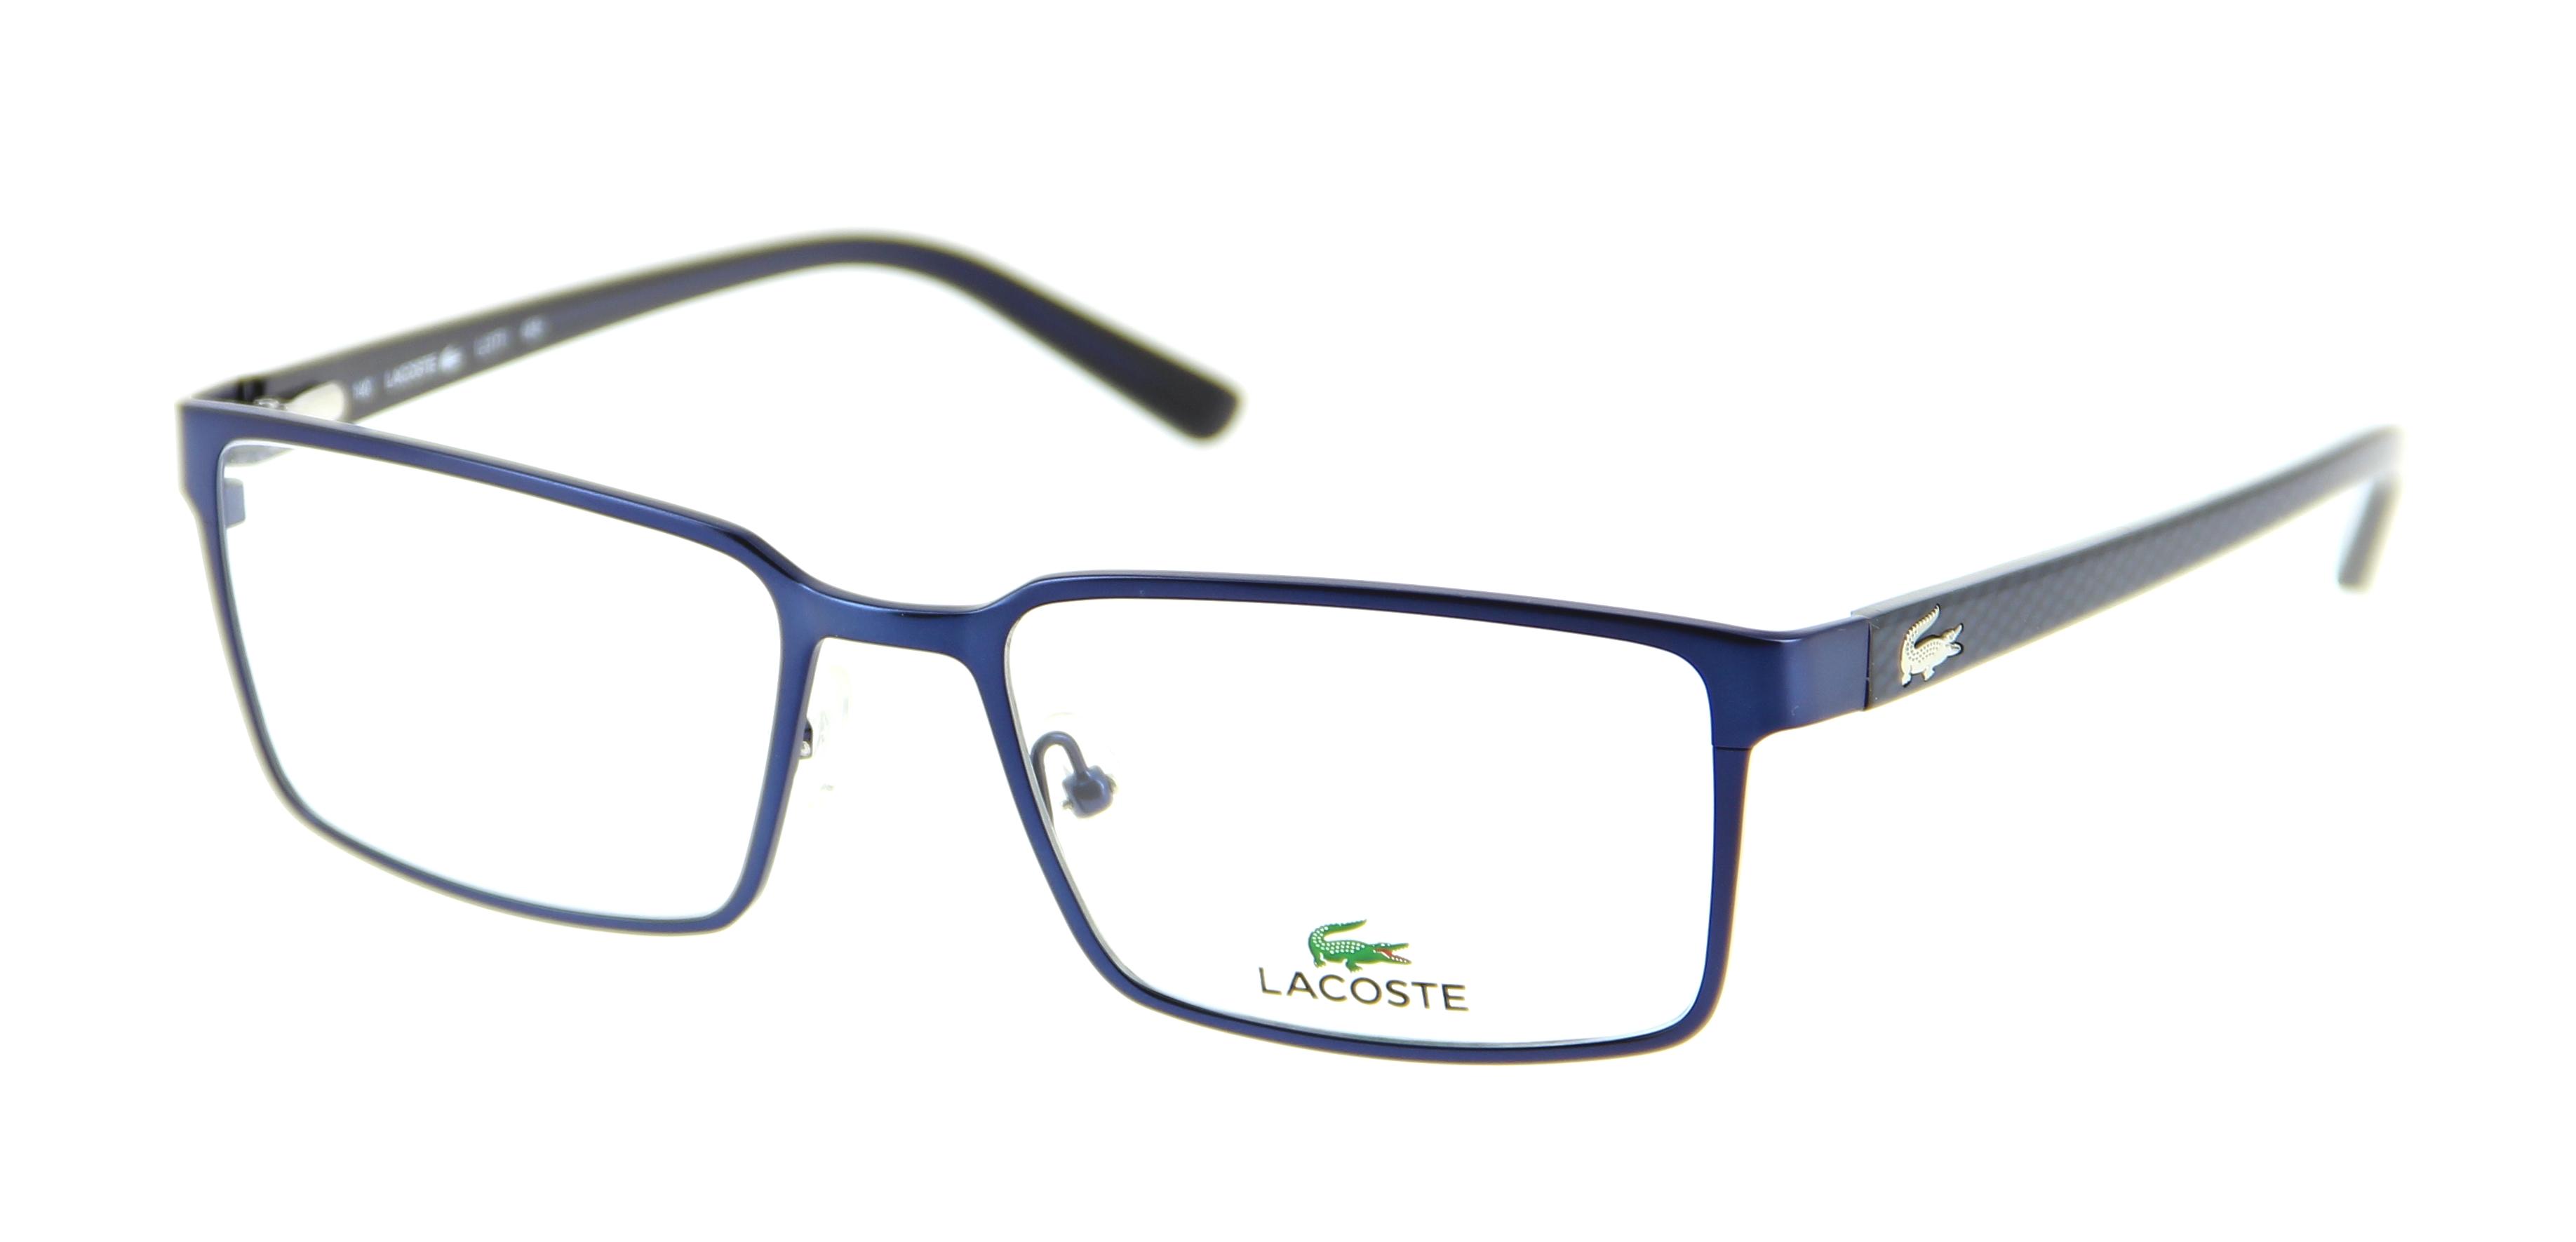 3dea75af918 Je veux trouver des lunettes RayBan stylés et plus de marques pas cher ICI  Monture de lunette lacoste